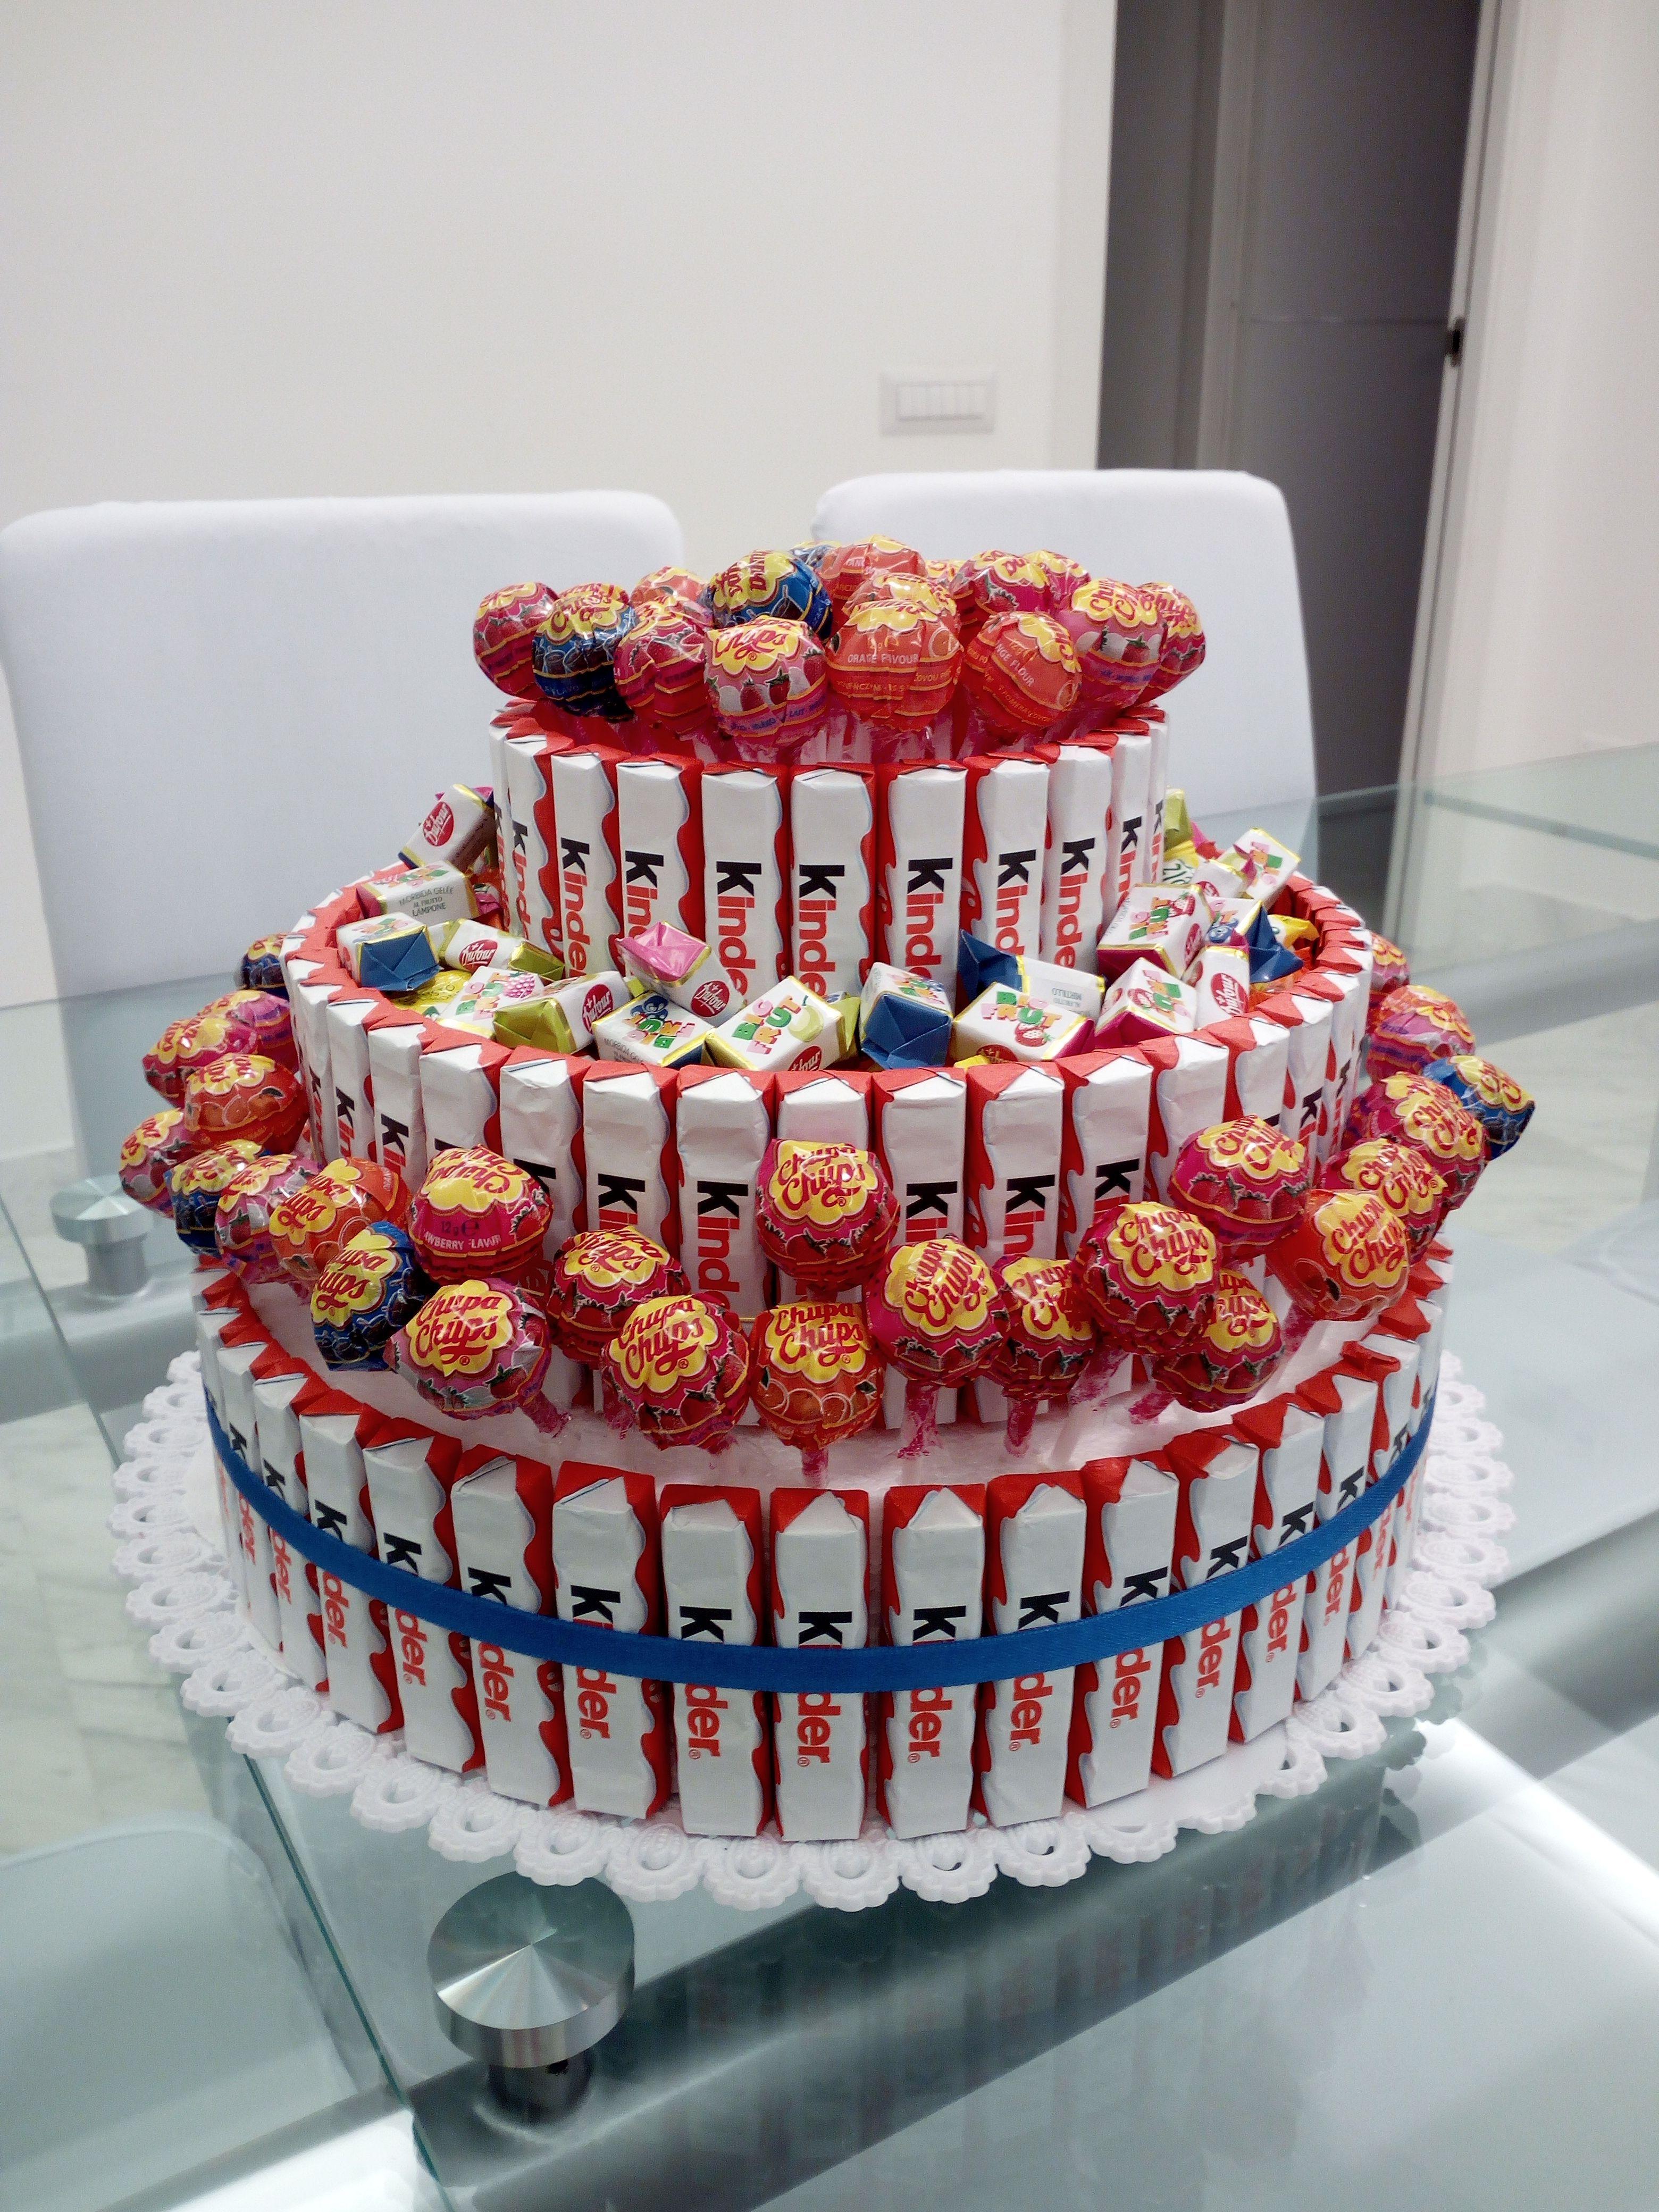 Torta barrette kinder per festa bambini base di - Decorazioni tumblr ...